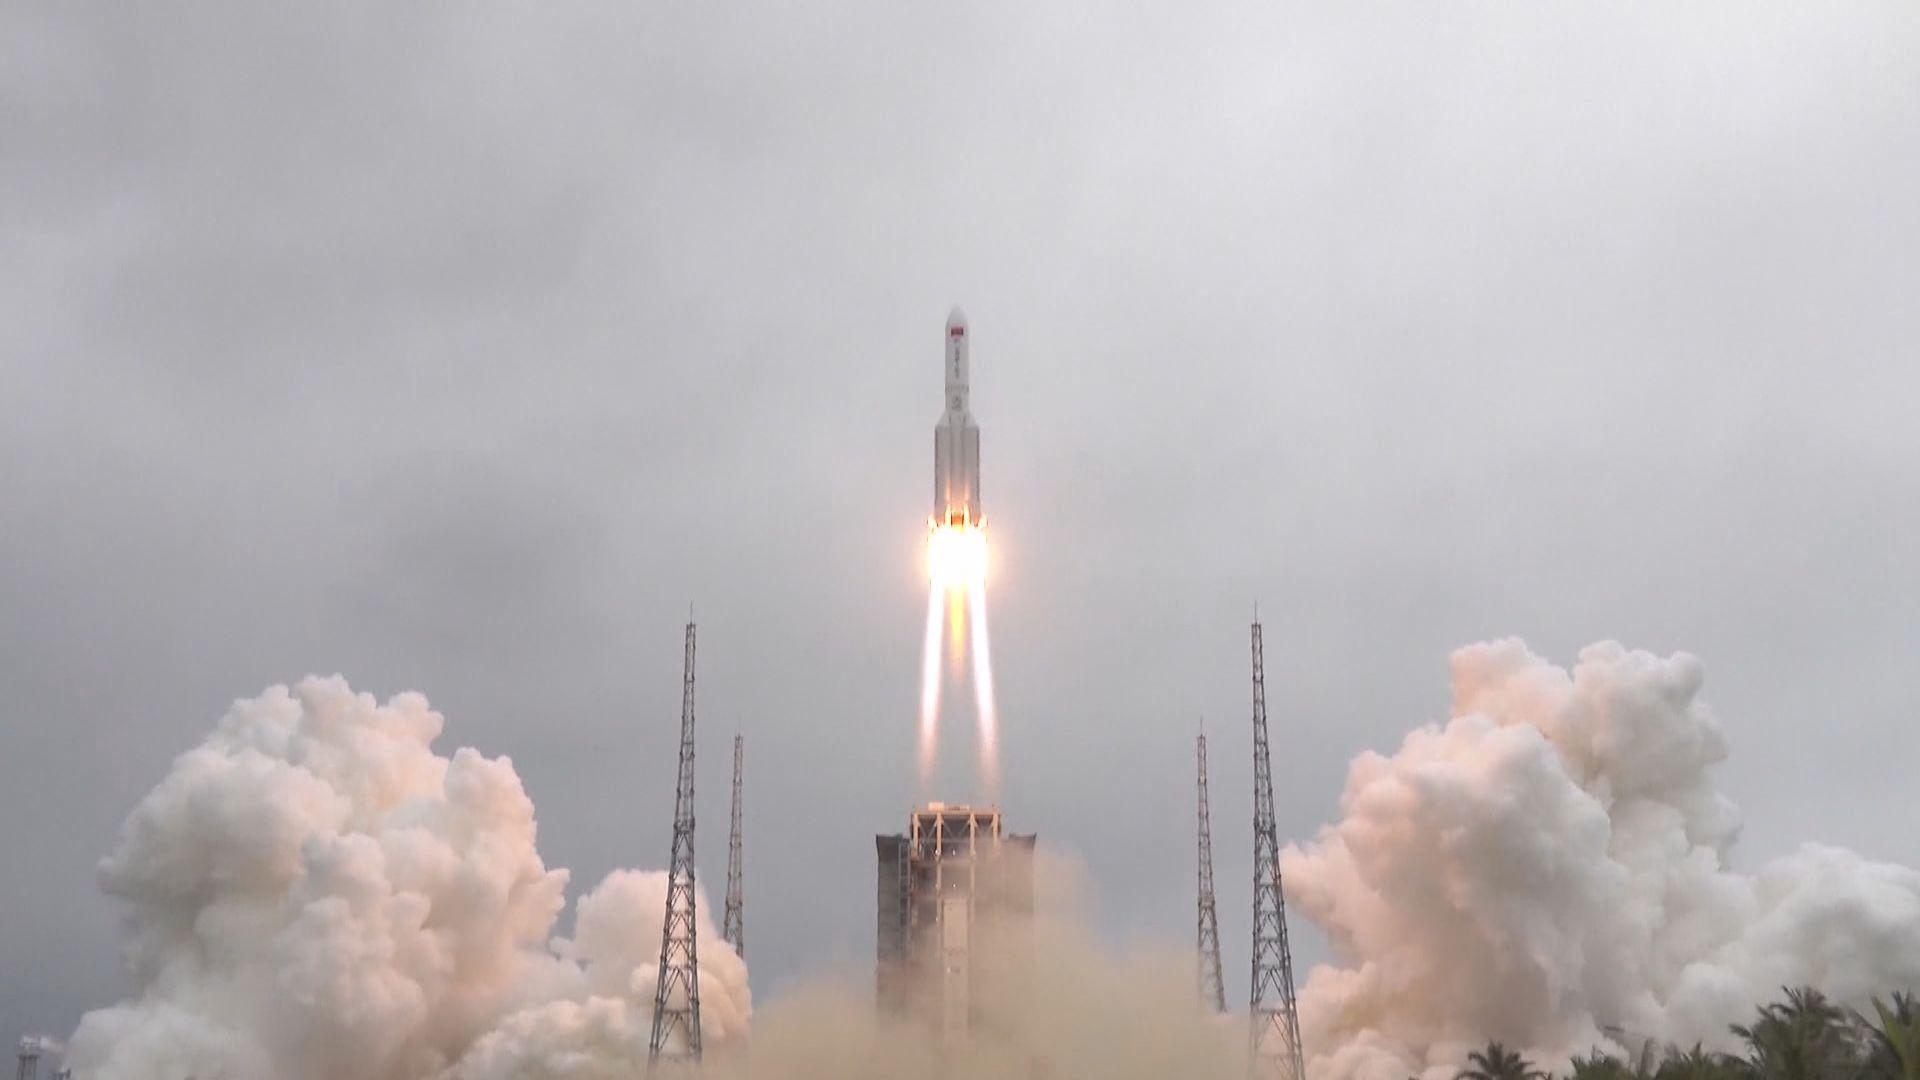 美太空總署批中國處理太空殘骸未達標 外交部:反對持雙重標準